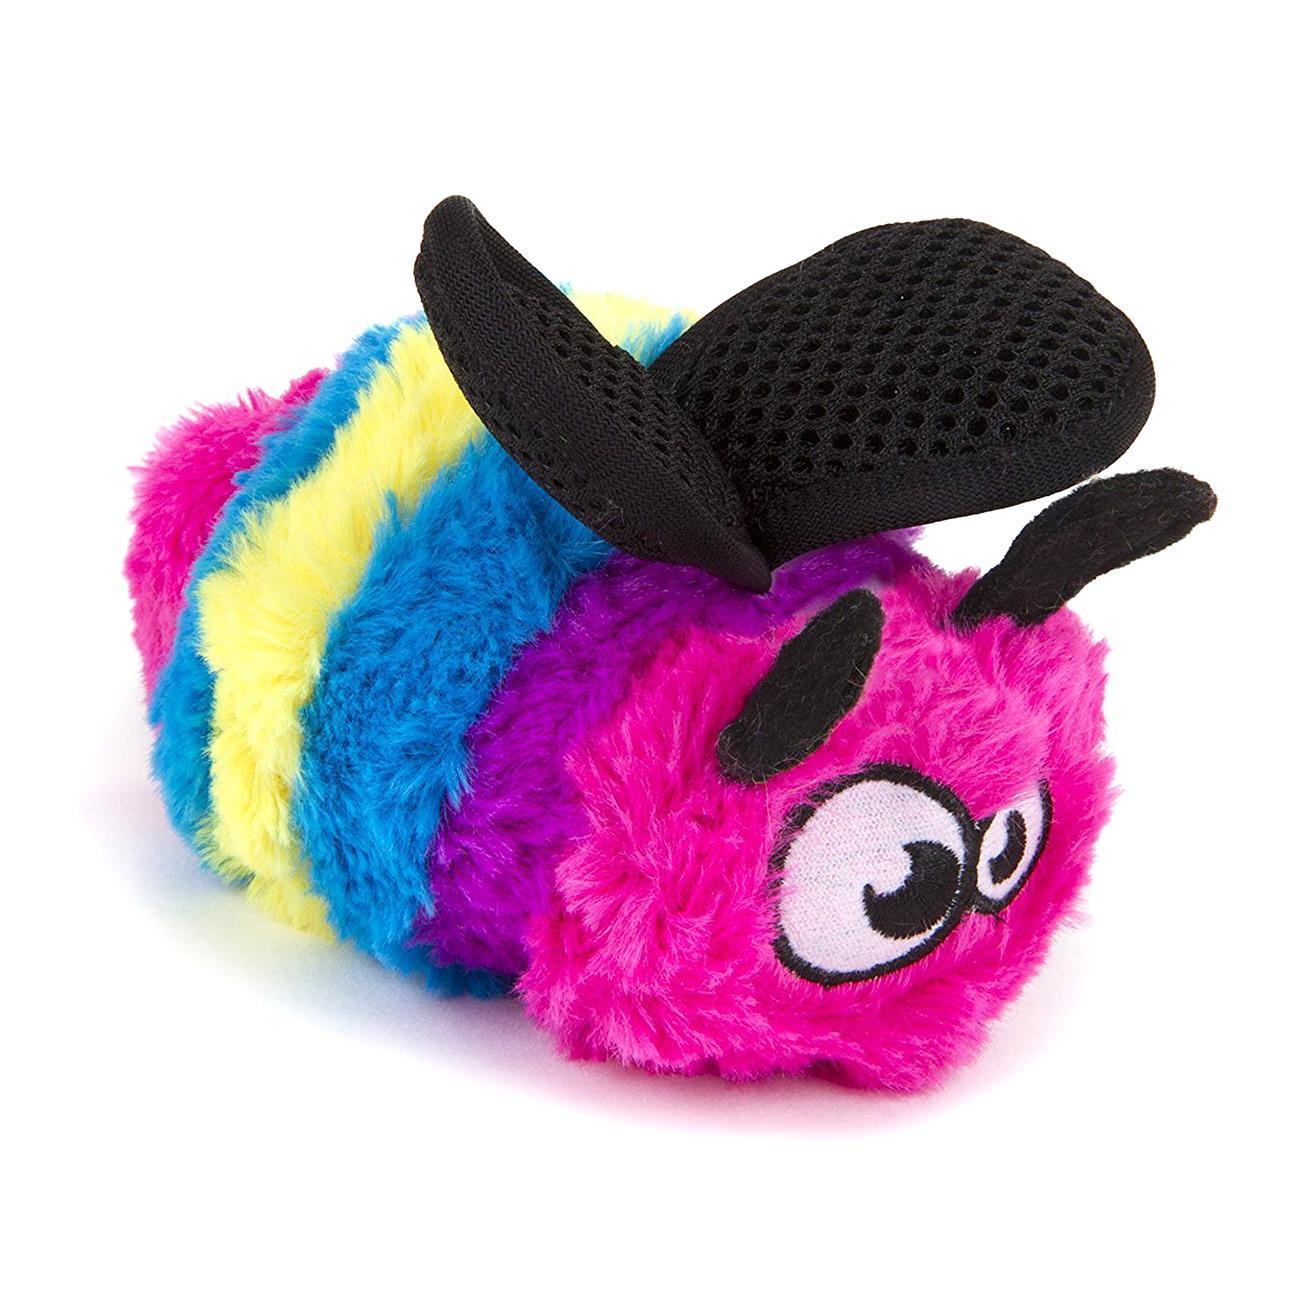 goDog Bugs Bee Tough Plush Dog Toy - Rainbow